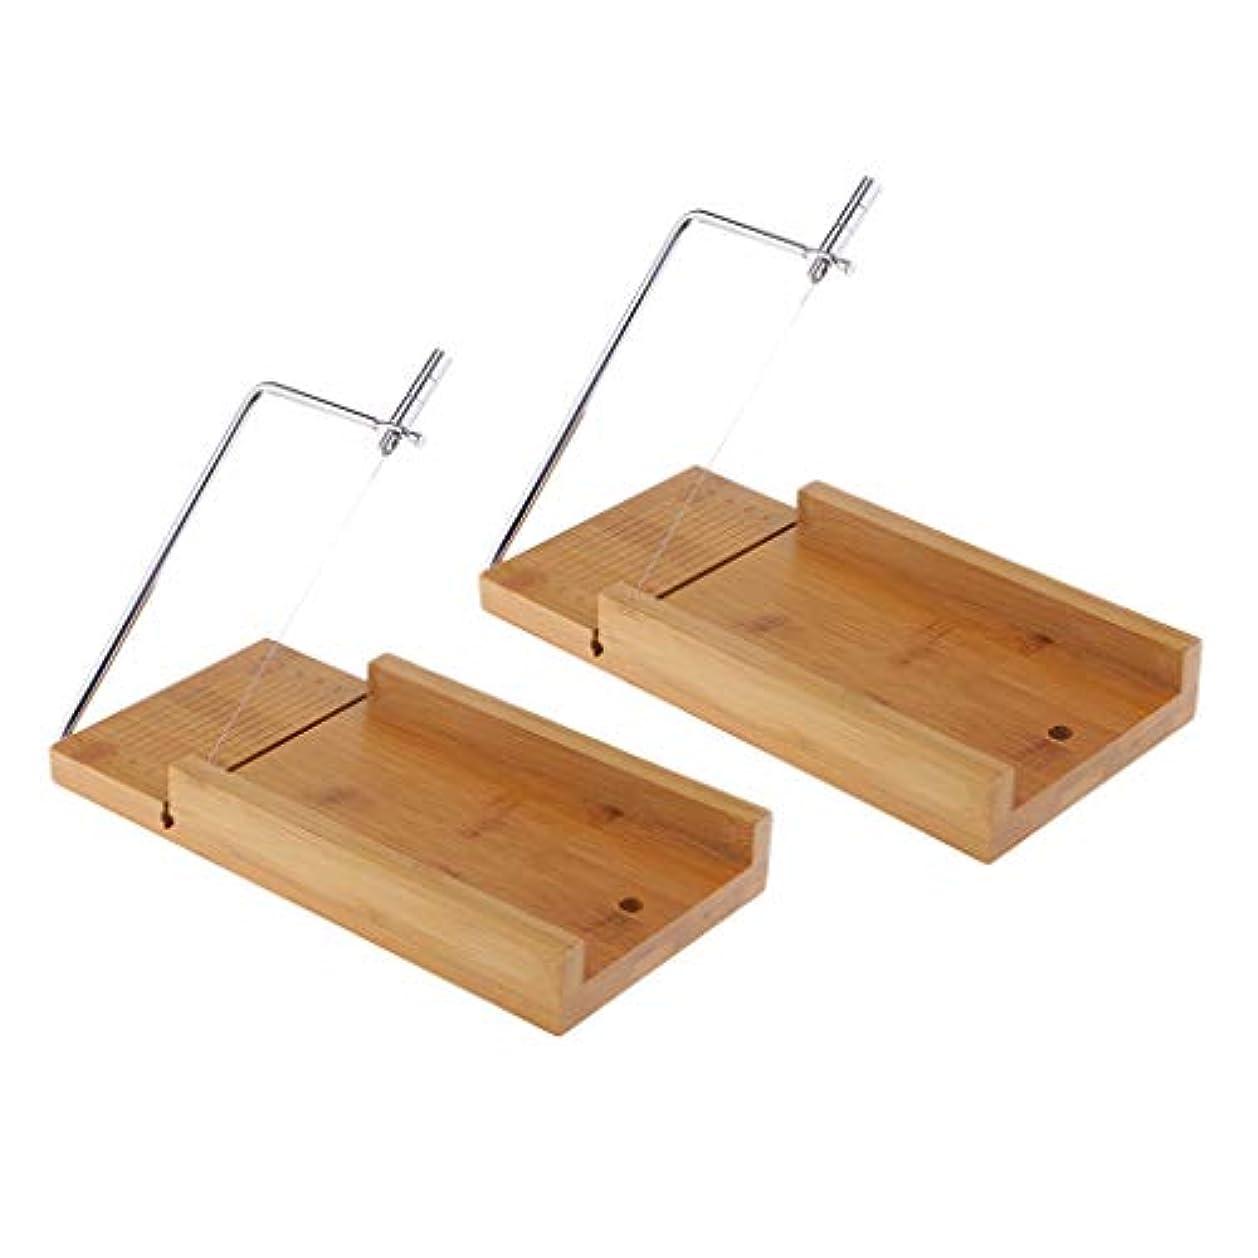 寄付機械的にブロンズソープカッター チーズナイフ ワイヤー せっけんカッター 台 木質 石鹸切削工具 2個入り